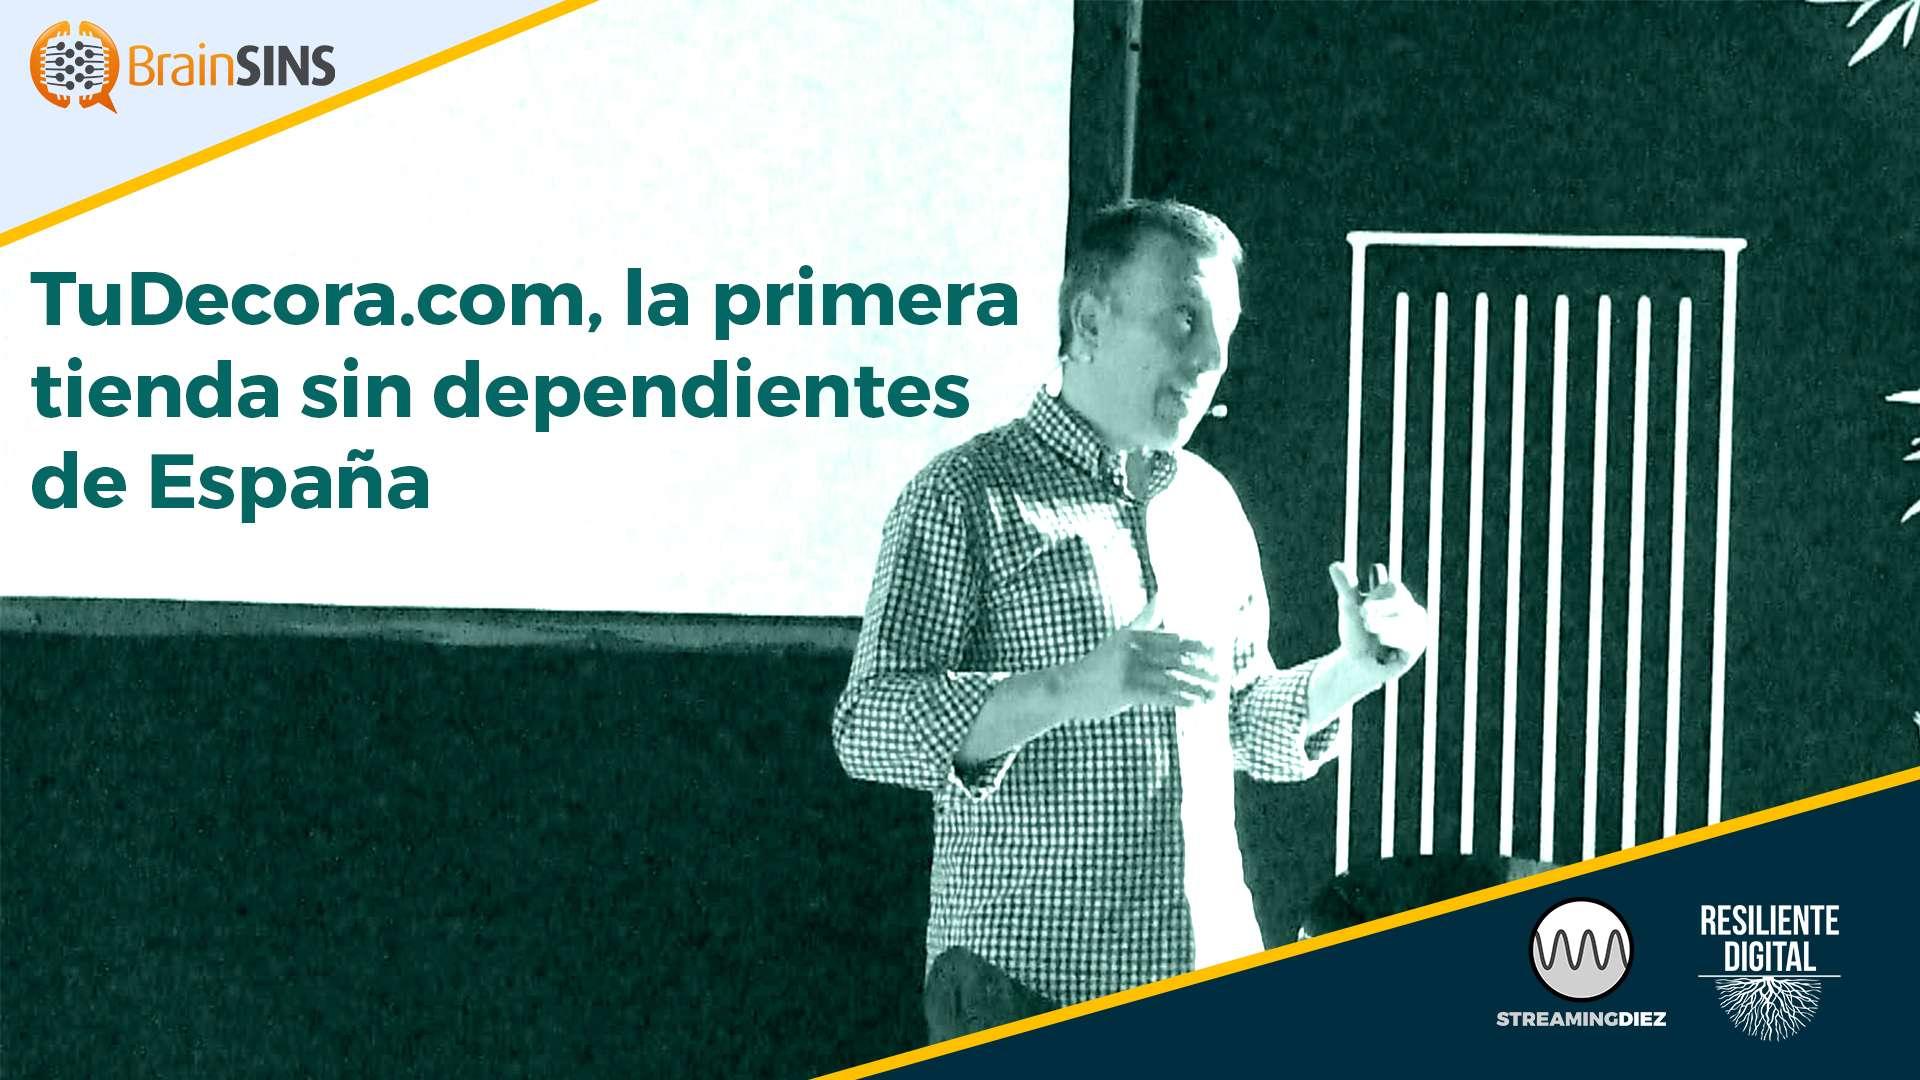 La experiencia de TuDecora.com, la primera tienda sin dependientes de España